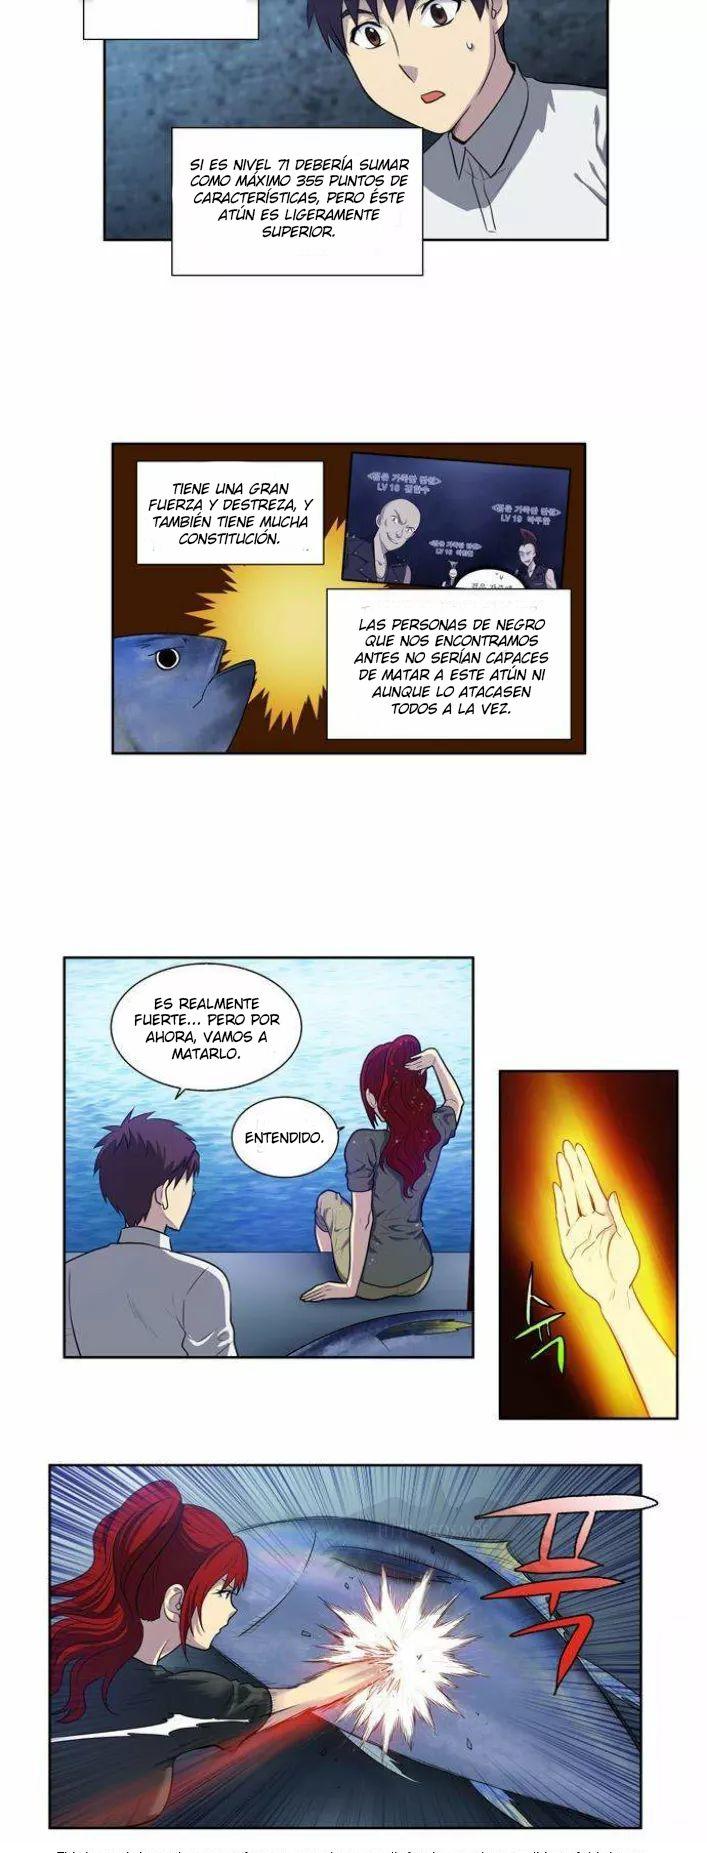 https://c5.ninemanga.com/es_manga/61/1725/485892/935ef067472d5bae490026f43722b51e.jpg Page 20